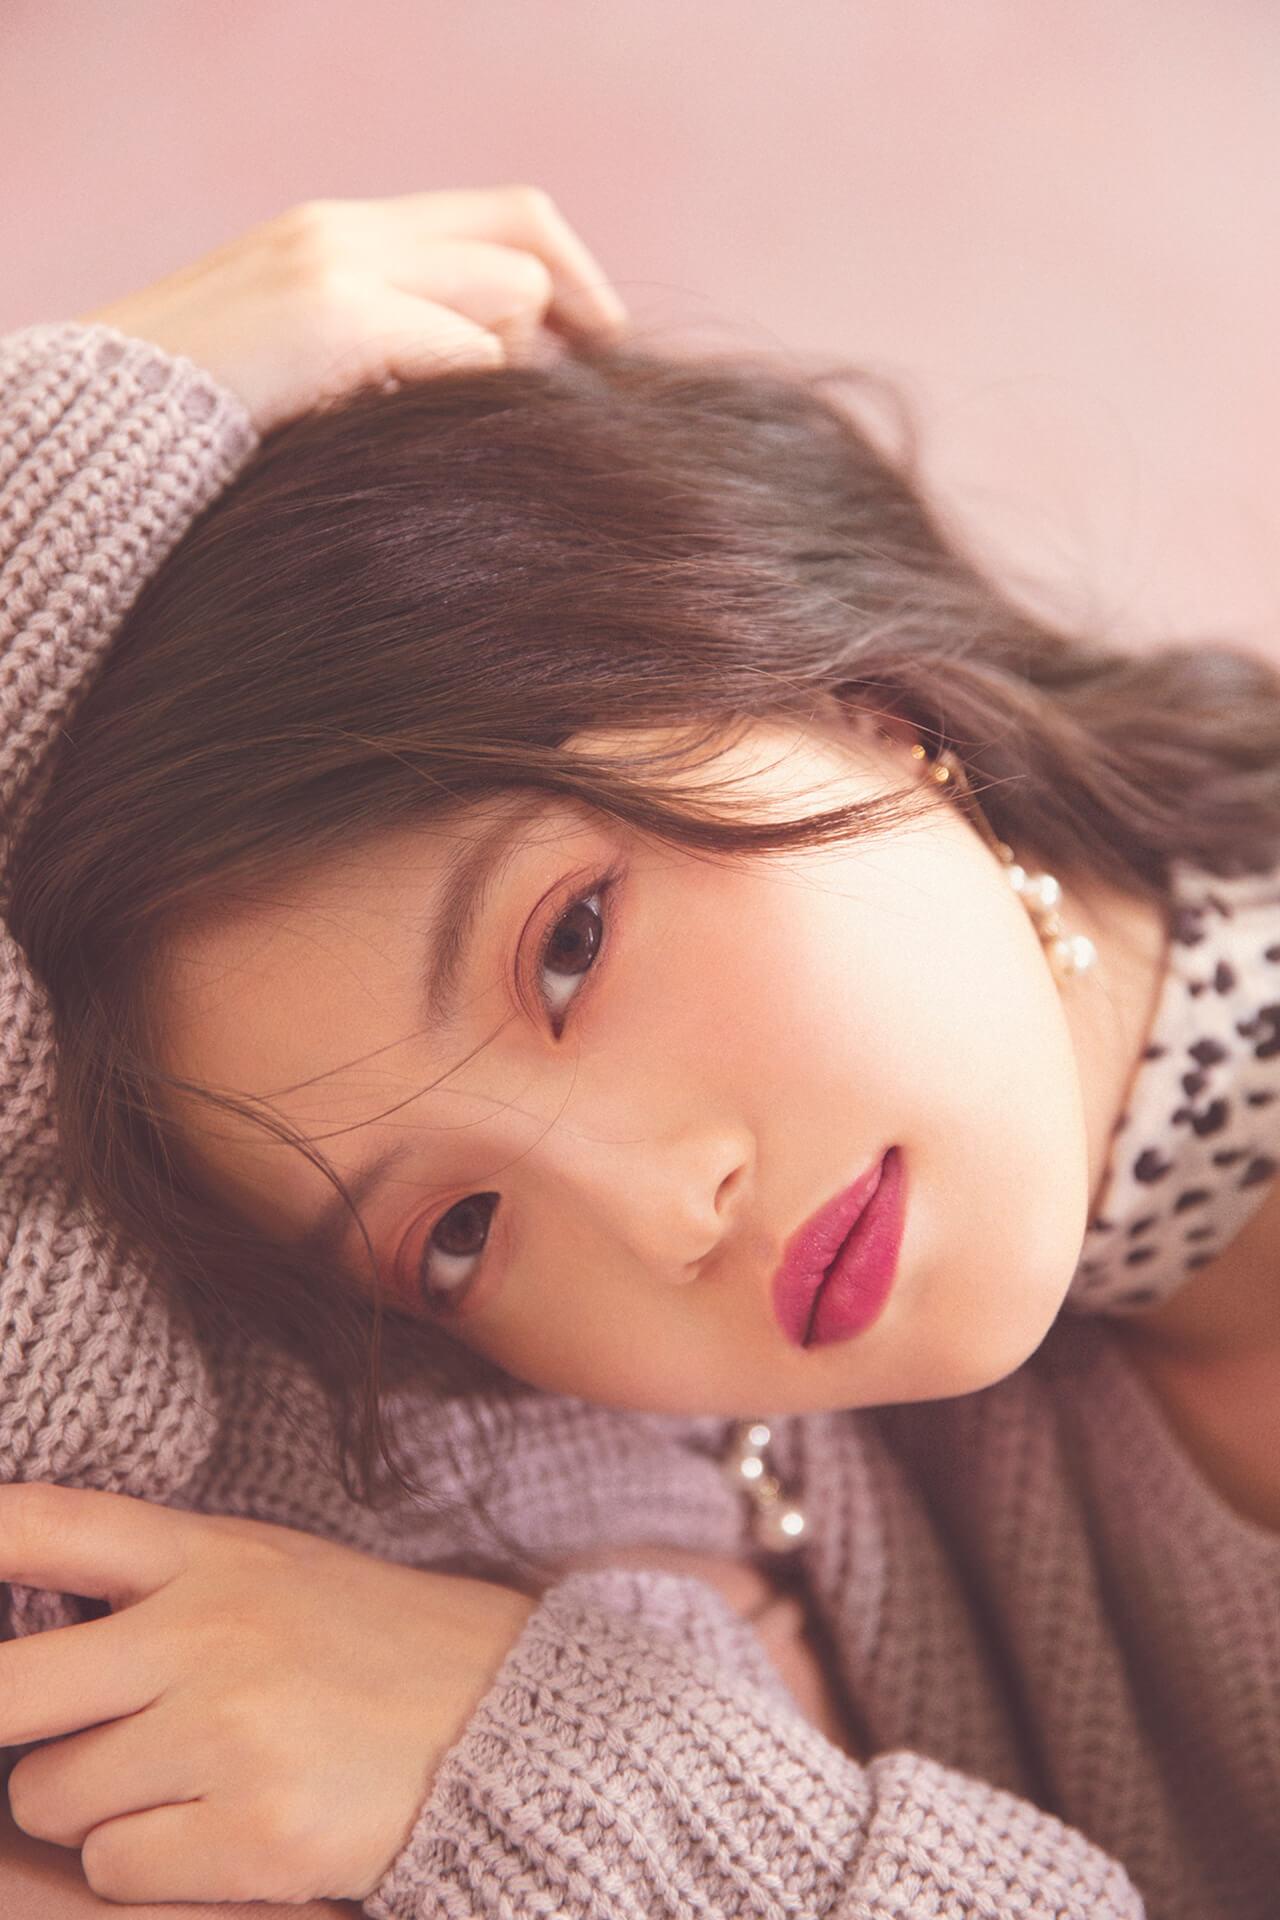 GRLが女優・今田美桜を起用した2019年秋冬ビジュアルを公開|今田美桜からのコメントも到着 lifefashion_1108_grl_4